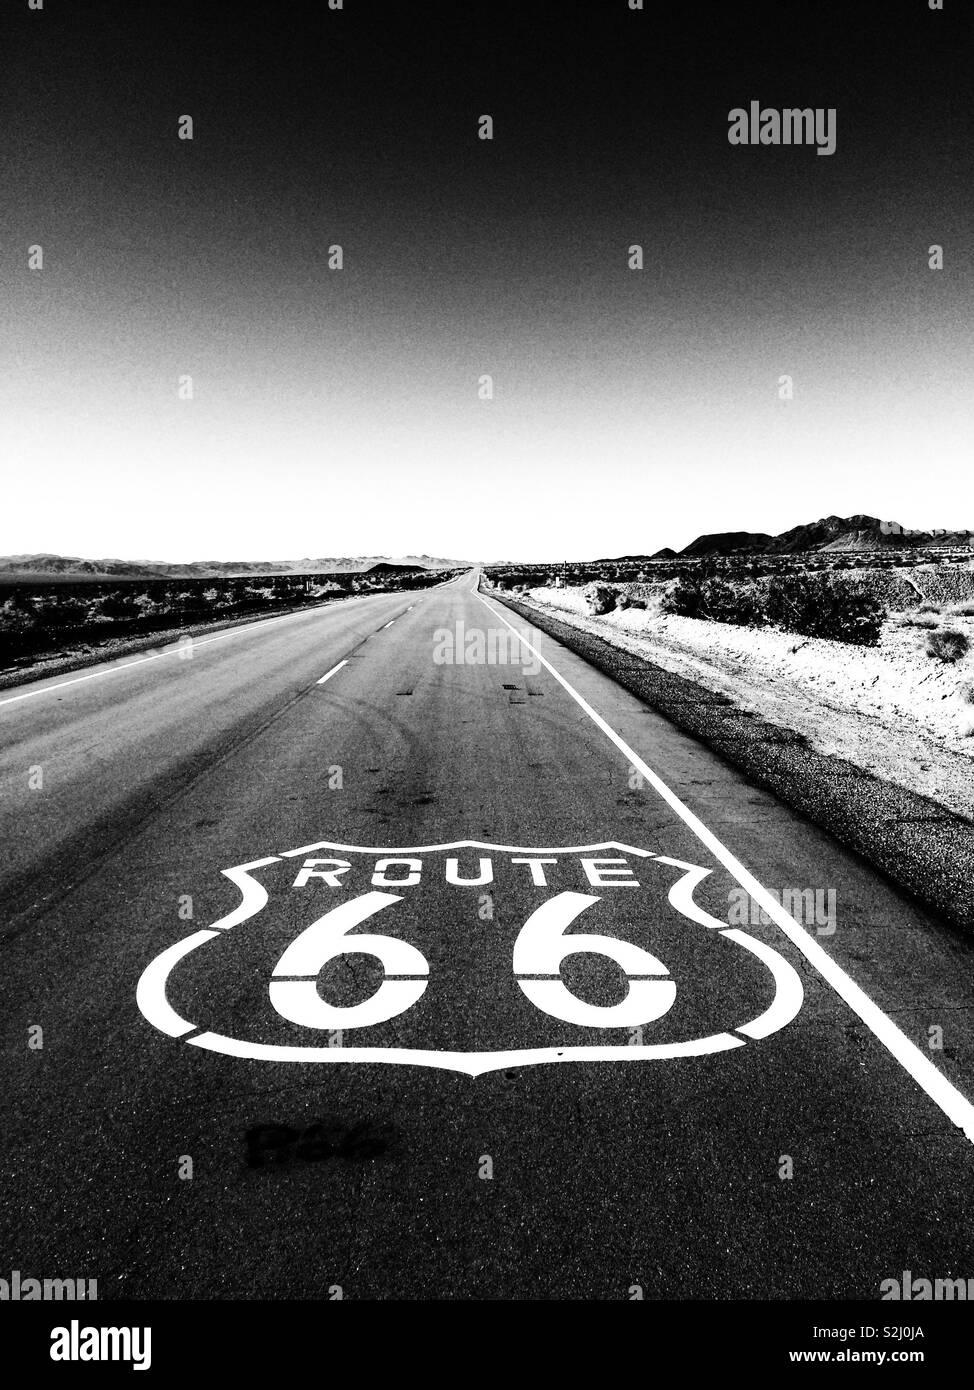 66 Carretera firmar en el desierto de Mojave. Editar en blanco y negro. Foto de stock